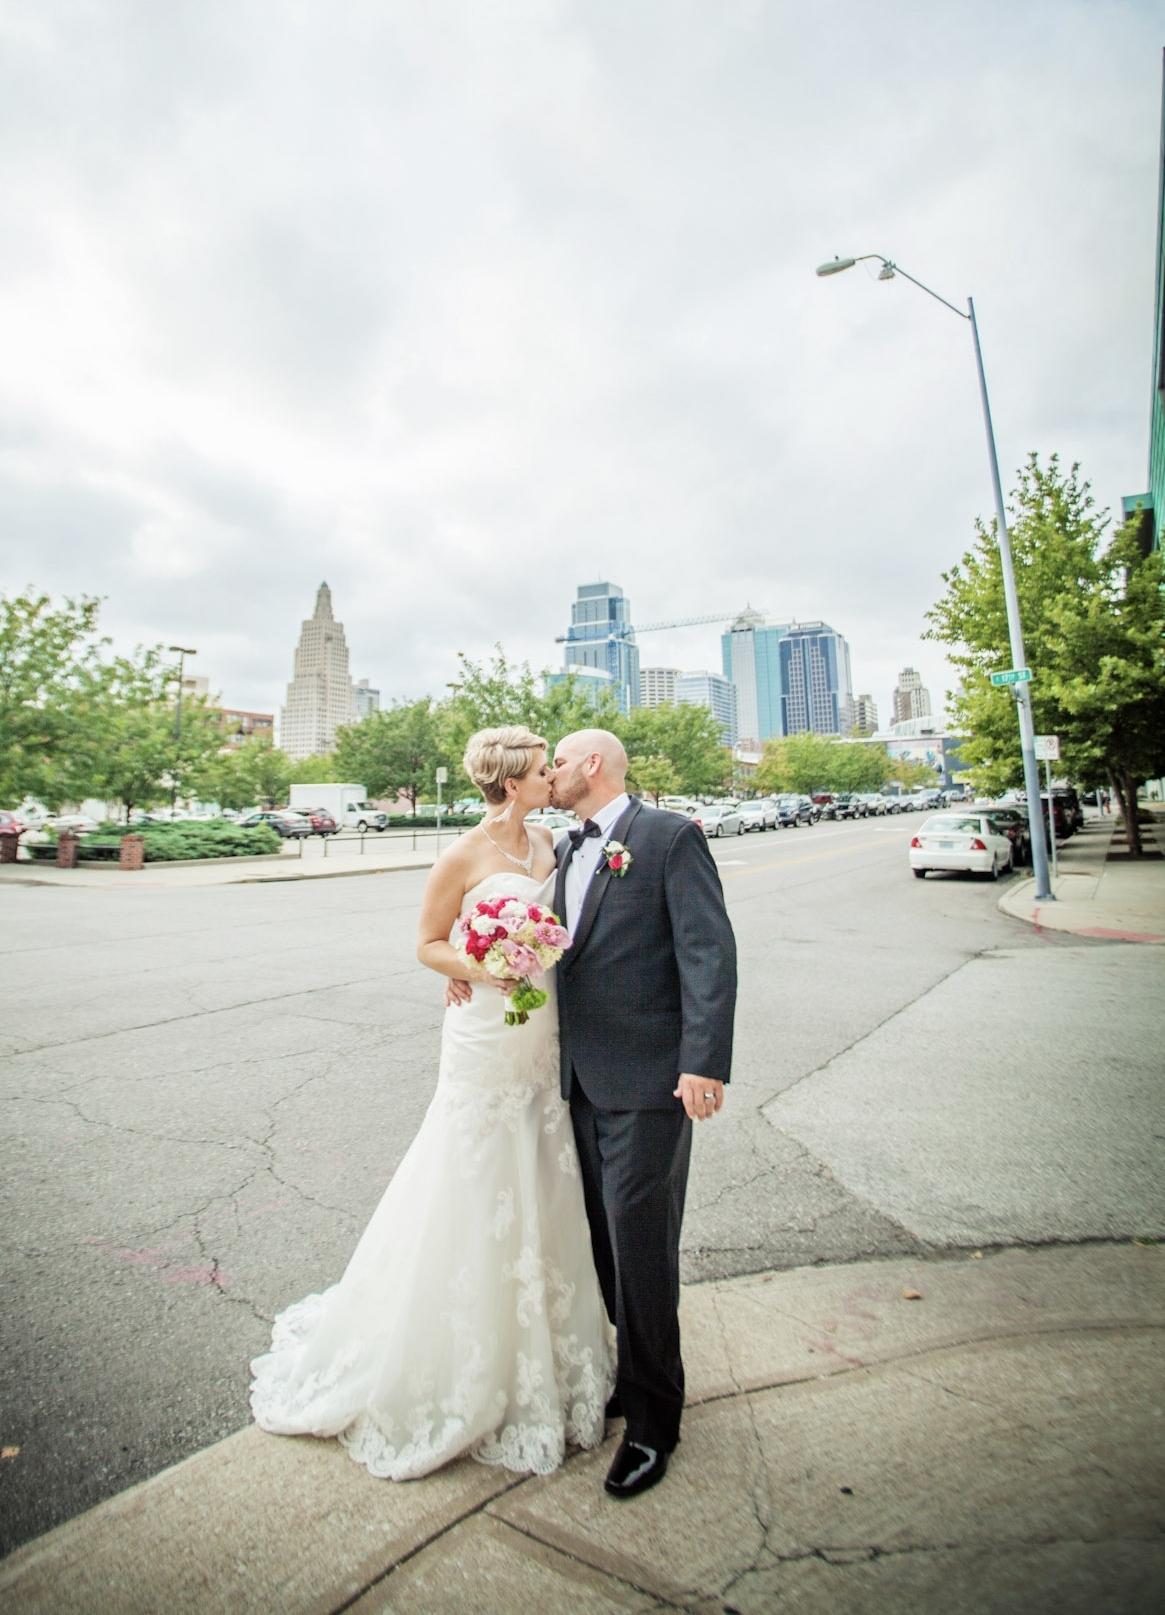 Kansas+City-Small+Wedding-Elope_Intimate_Ceremony_Melanie+David-13.jpg